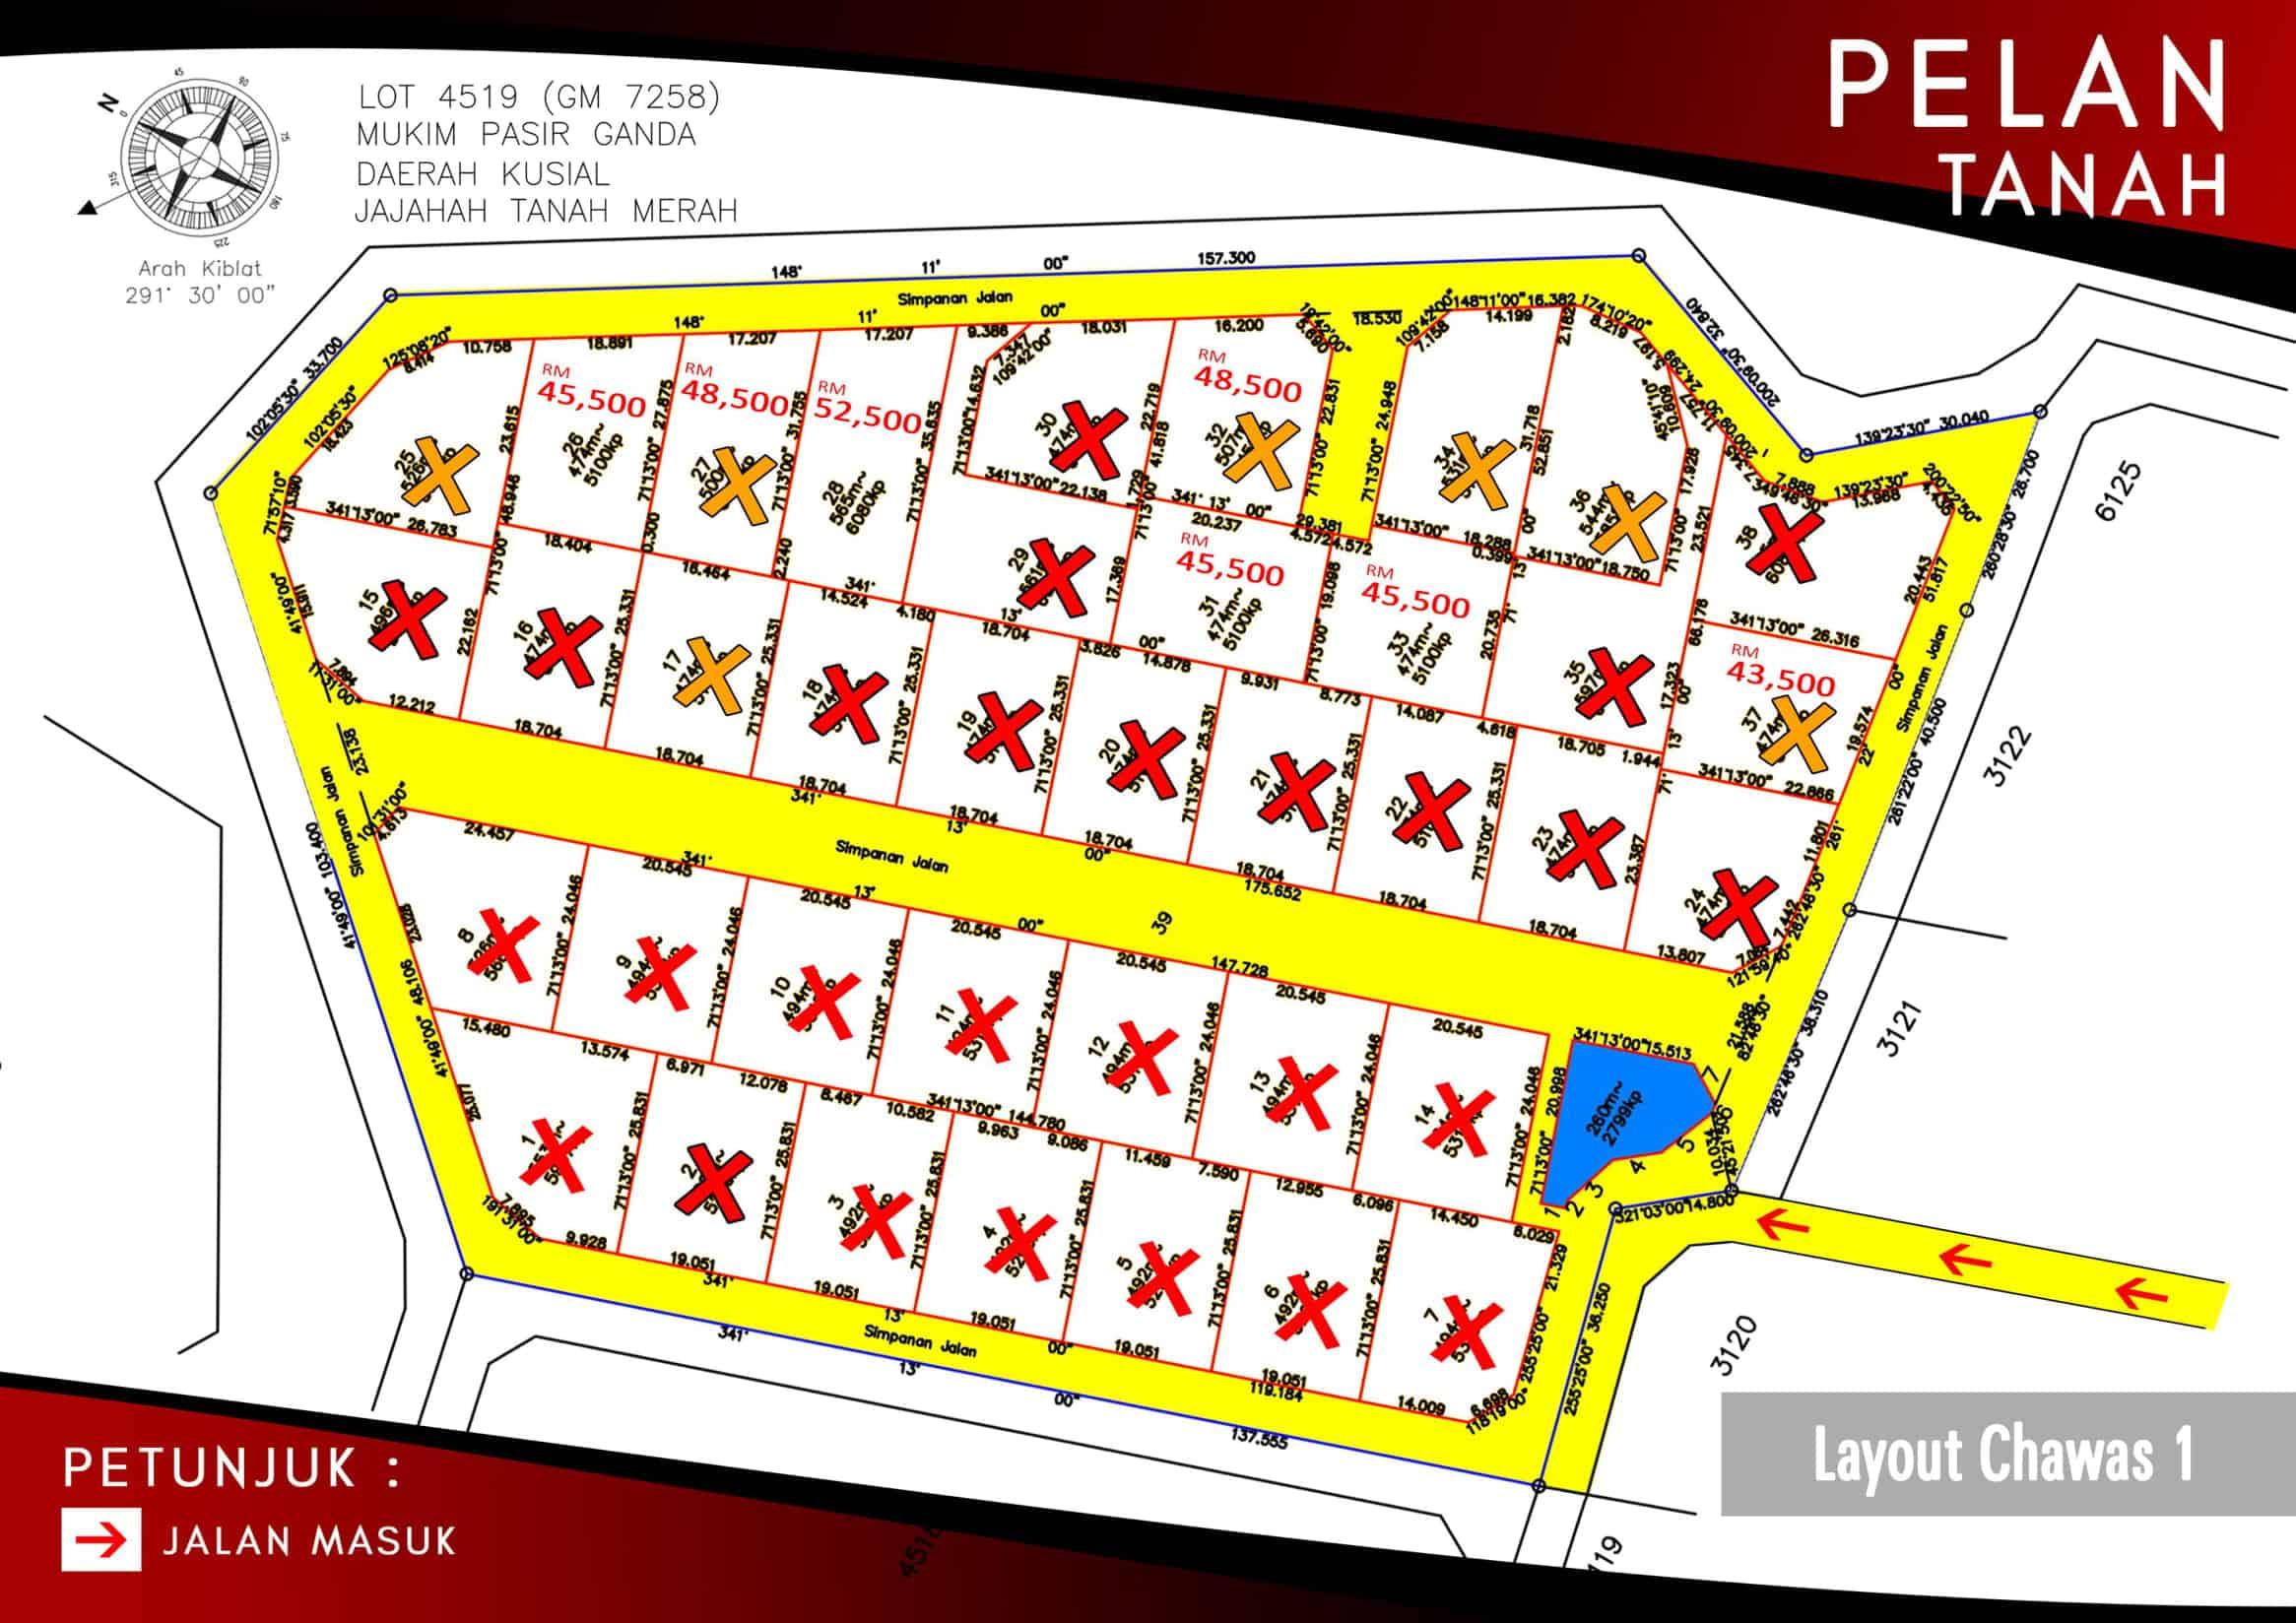 Pelan Tanah di Chawas 1A Tanah Merah Kelantan